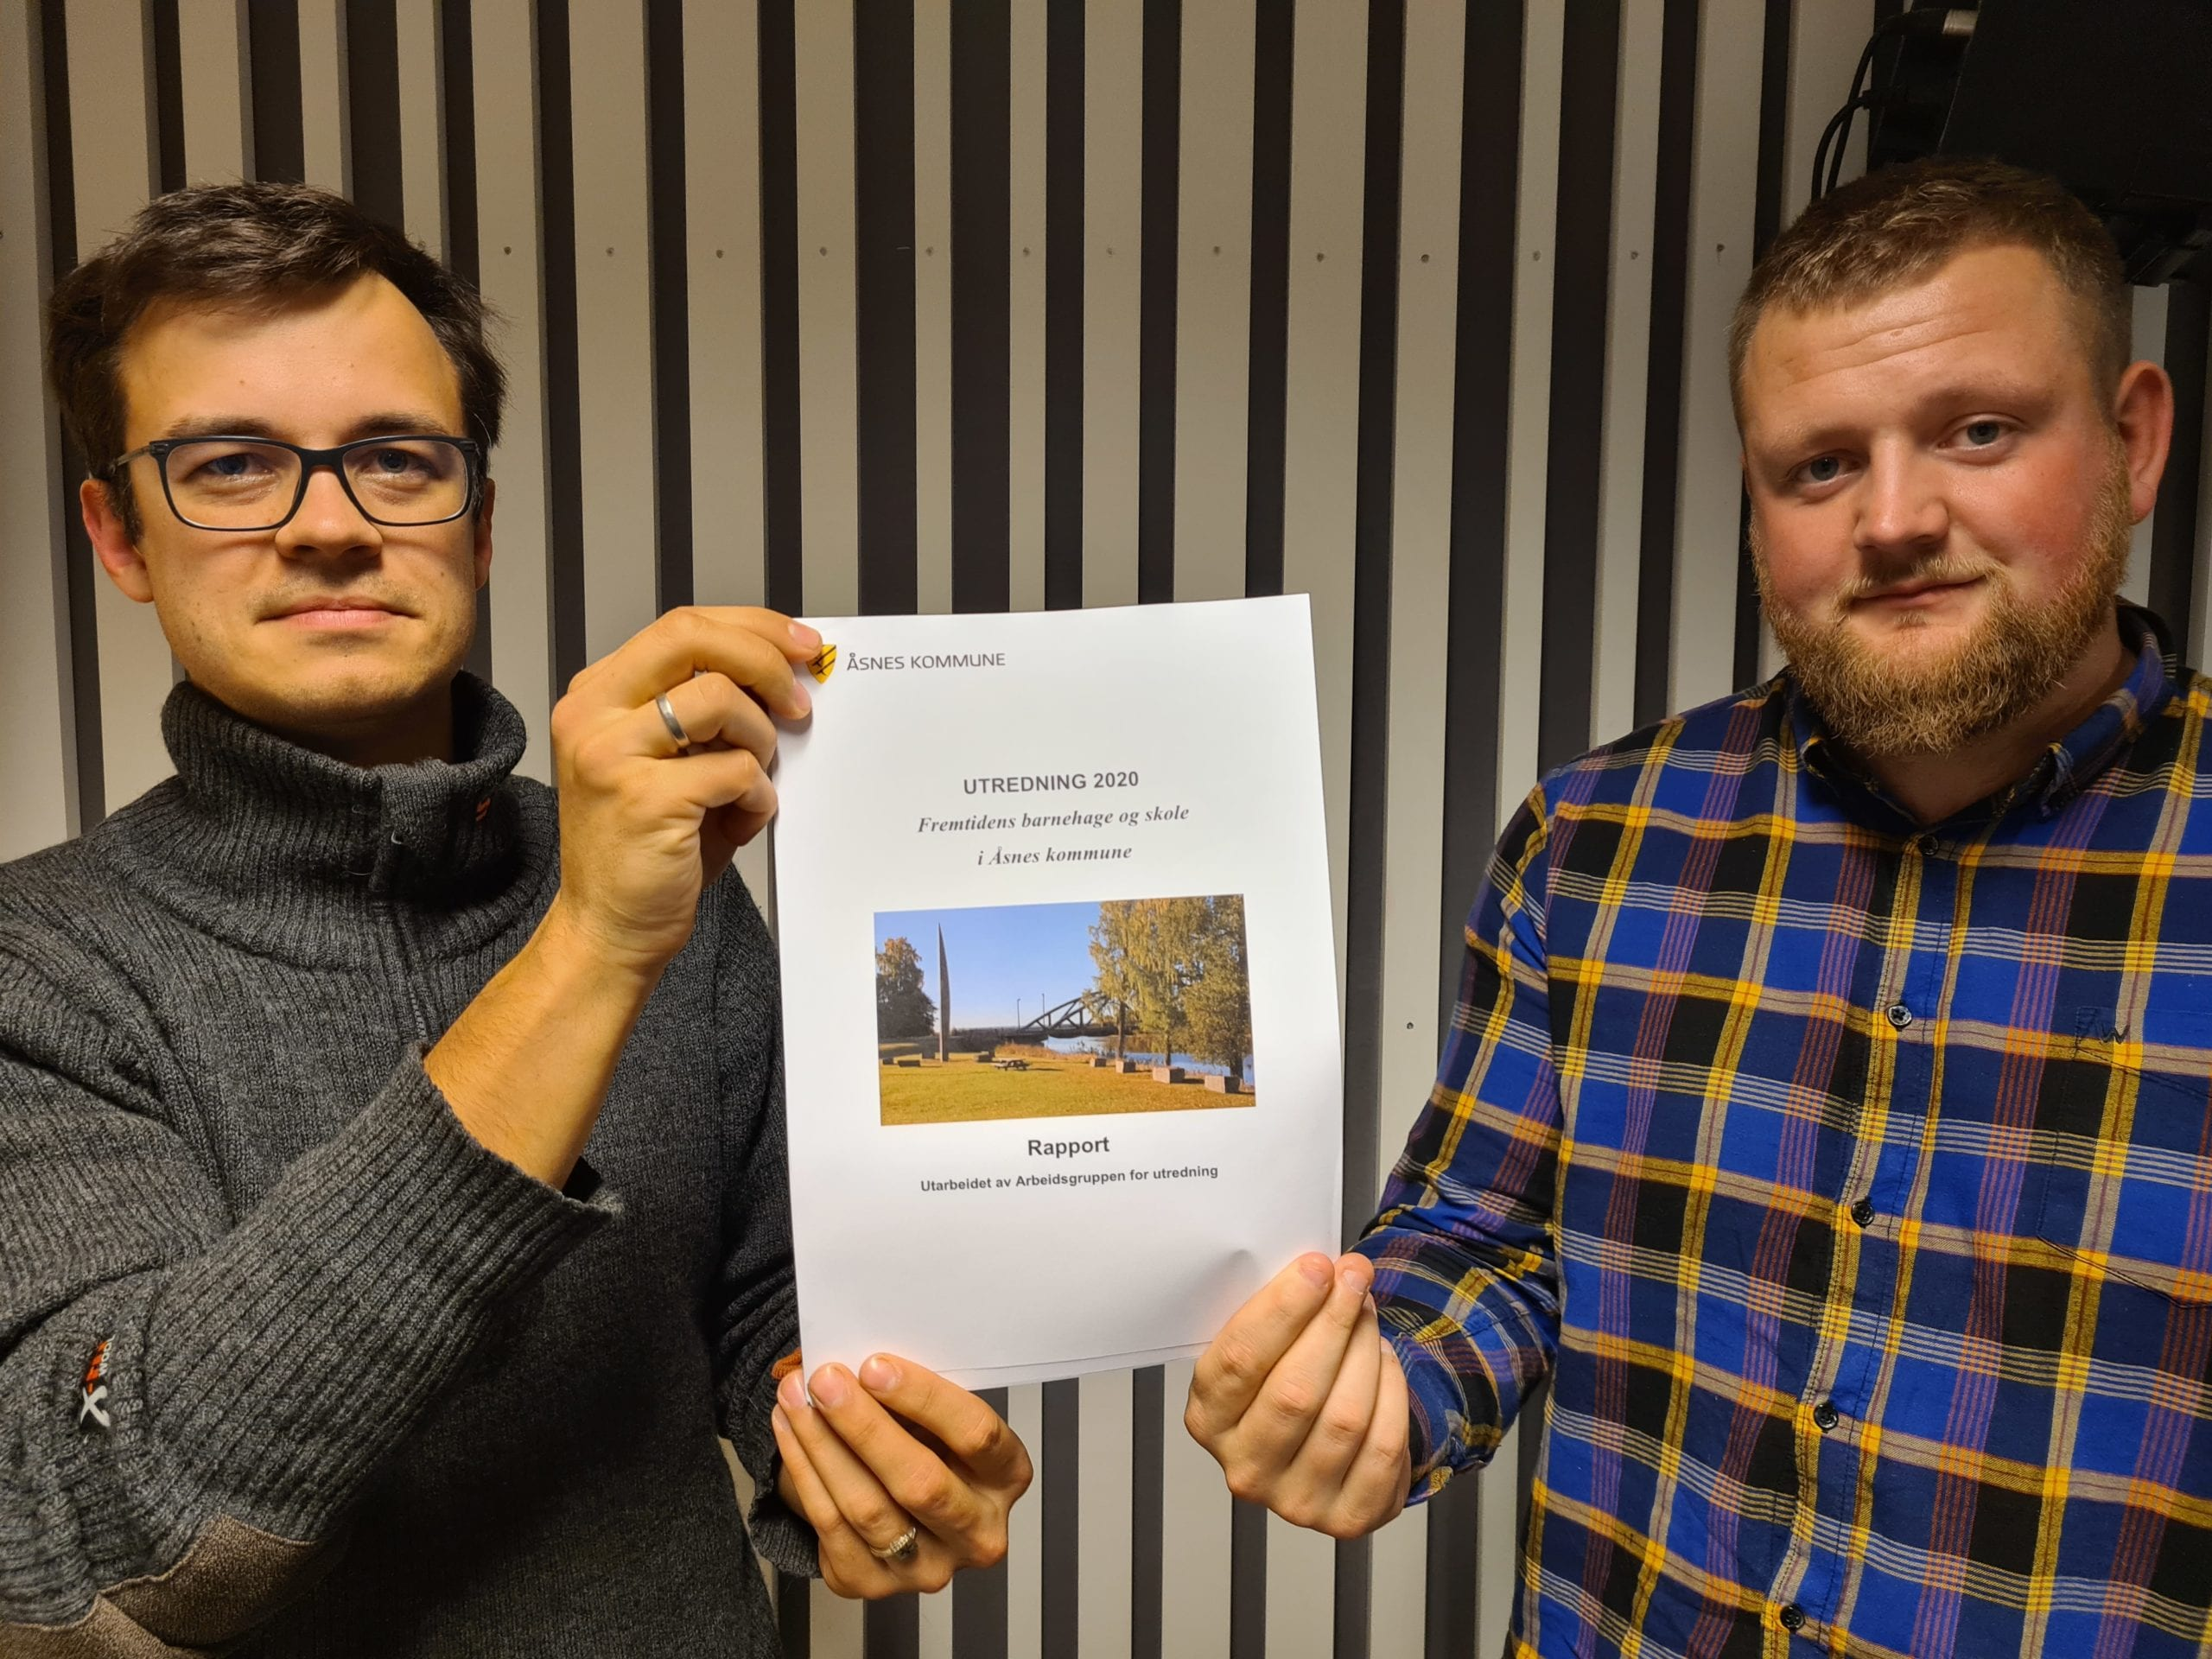 VIL SAMLE KREFTENE: Simon Andersson Støa (til venstre) og Jon Arne Borg Engø er enige med ordføreren om at det beste er å samle skolene på Flisa. I Senterpartiet stemmer trolig seks for storskole og tre mot på mandag.